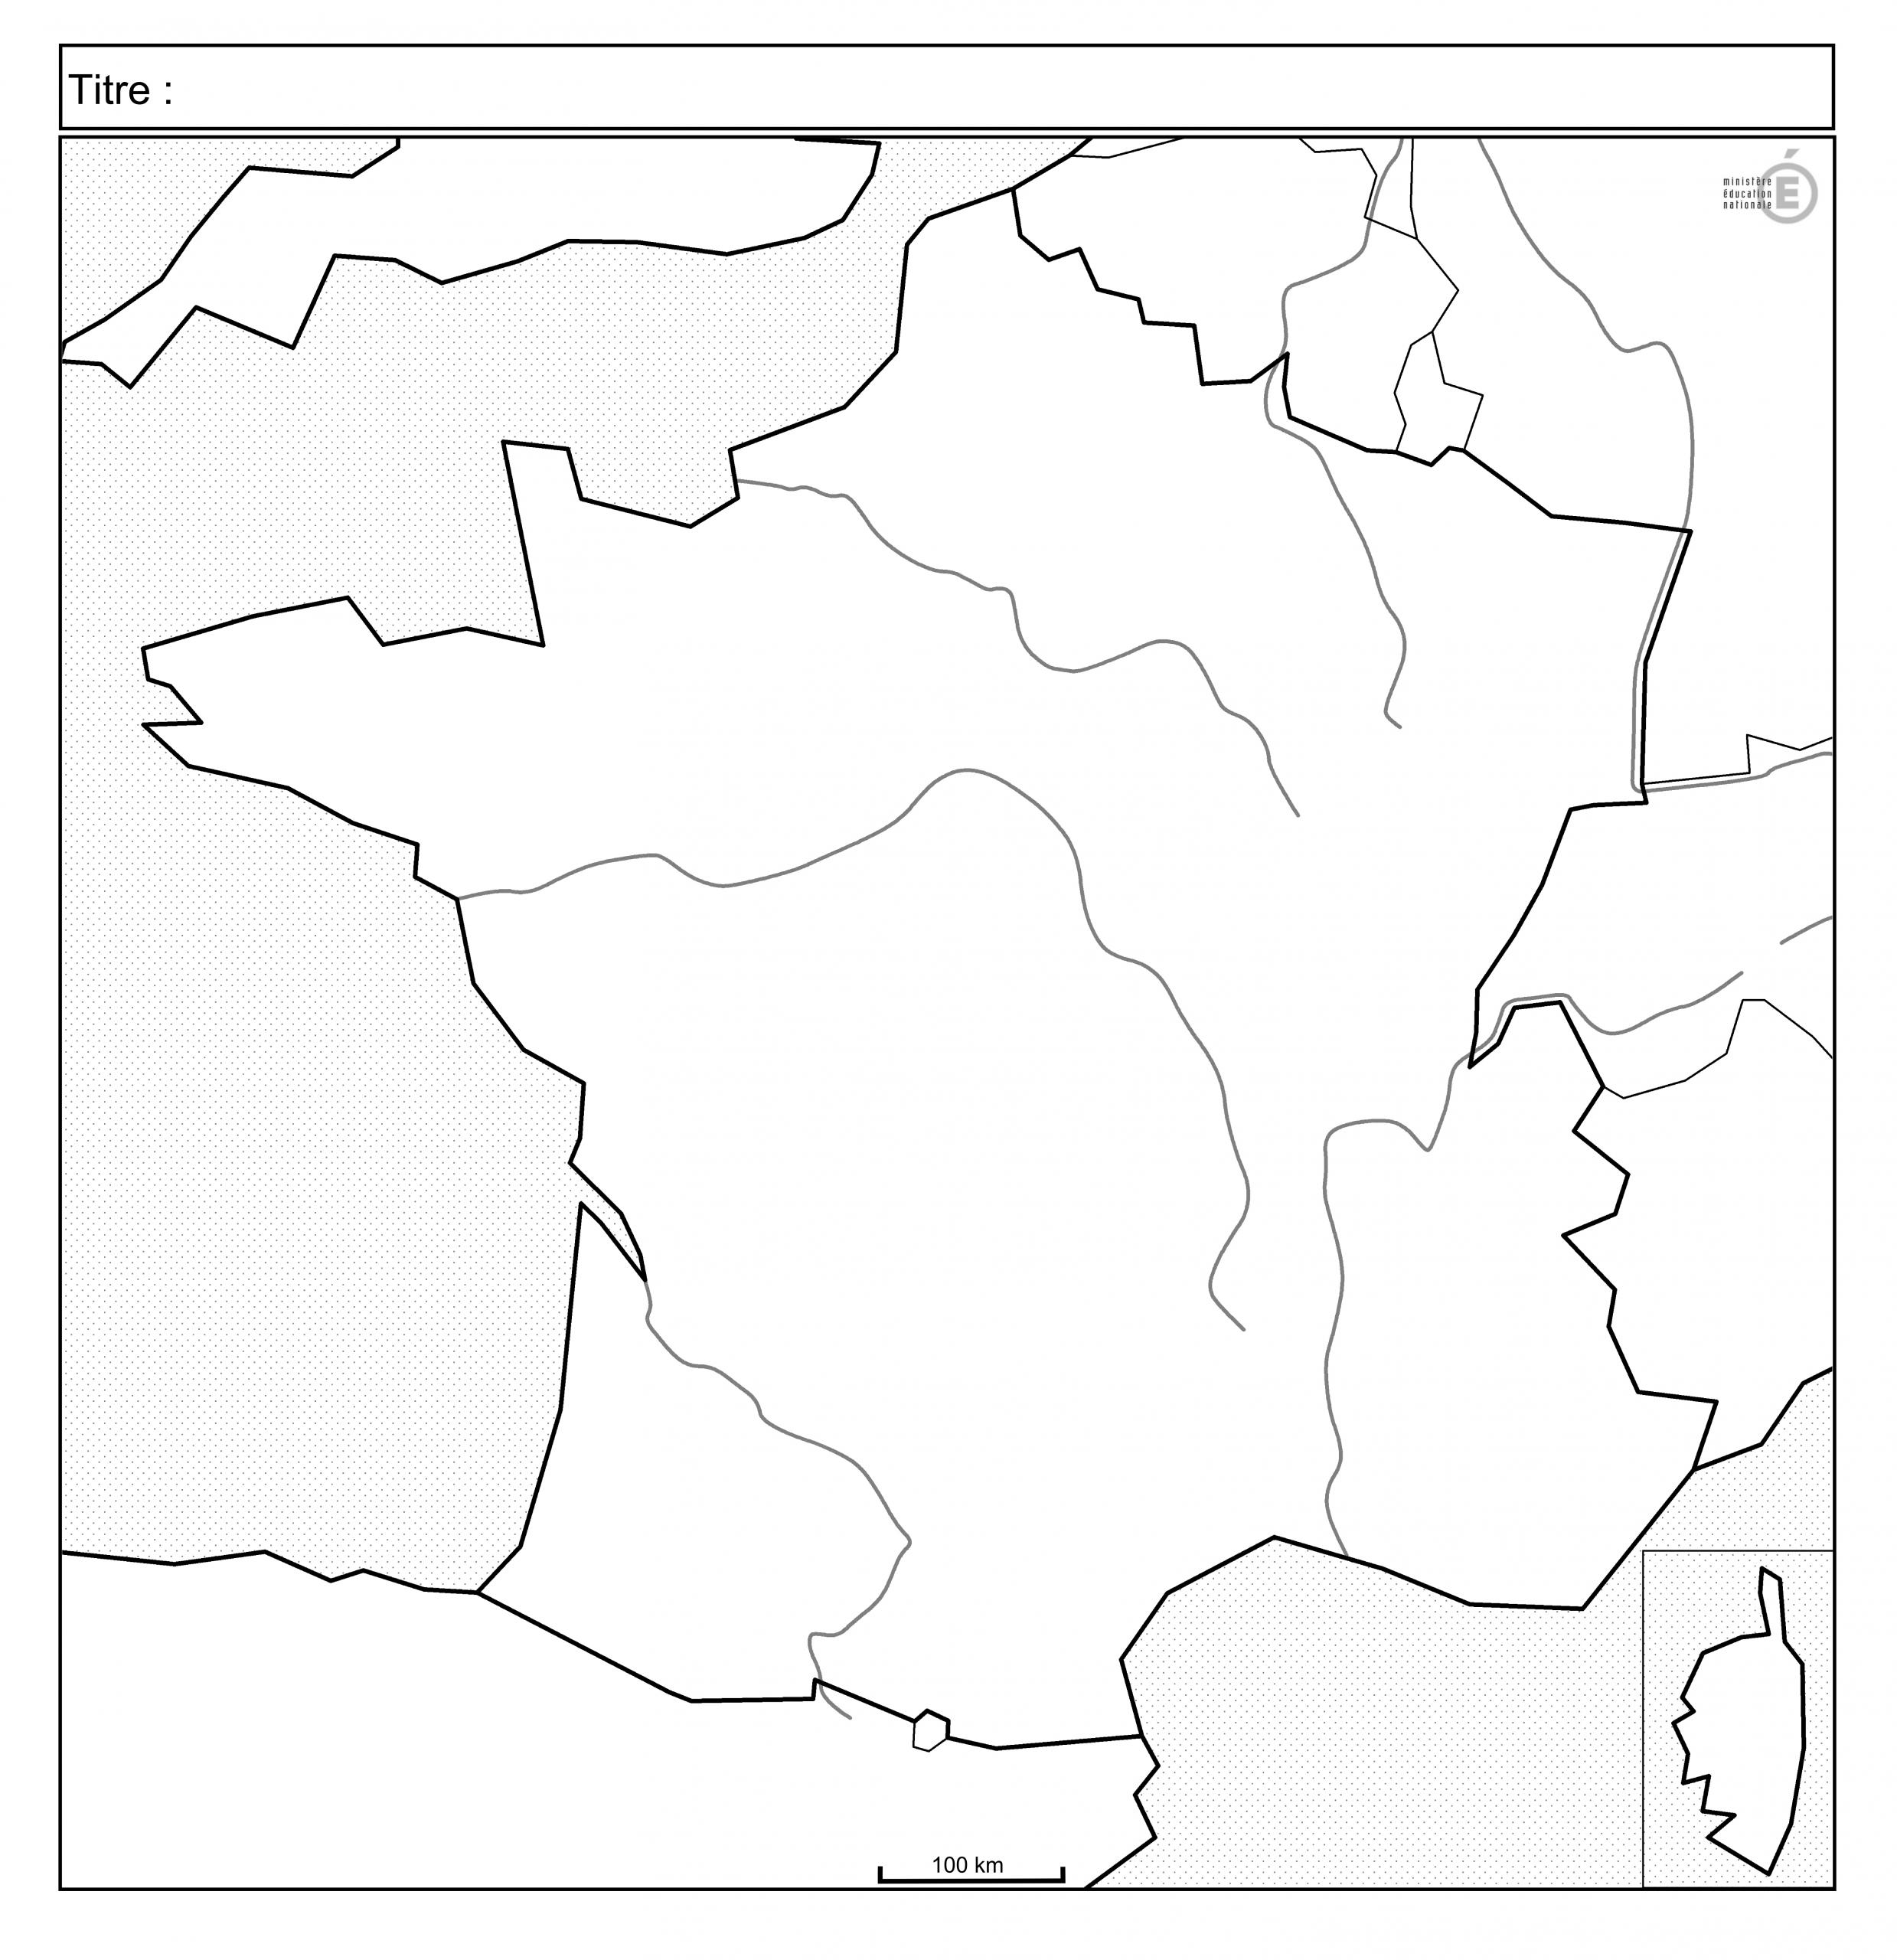 Fonds De Carte - Histoire-Géographie - Éduscol concernant Carte De France Muette À Compléter